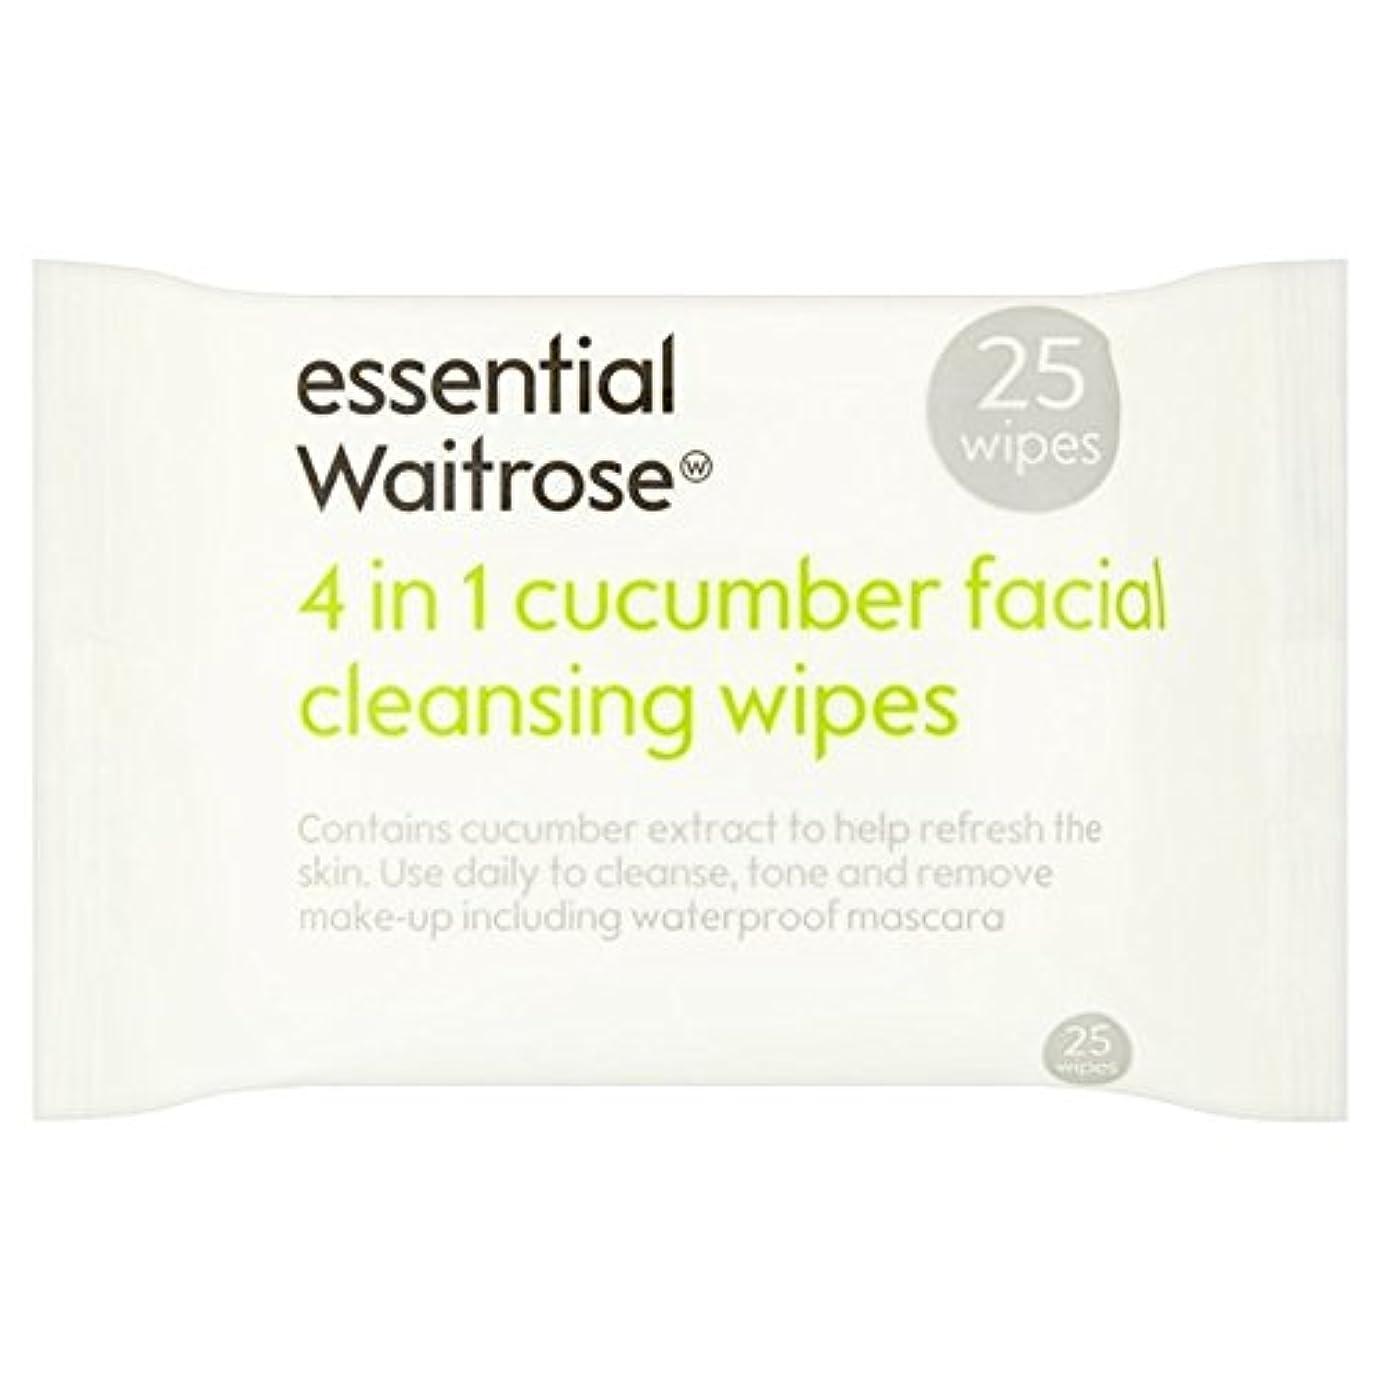 ホスト波紋不要Cucumber Facial Wipes essential Waitrose 25 per pack (Pack of 6) - キュウリ顔のワイプパックあたり不可欠ウェイトローズ25 x6 [並行輸入品]